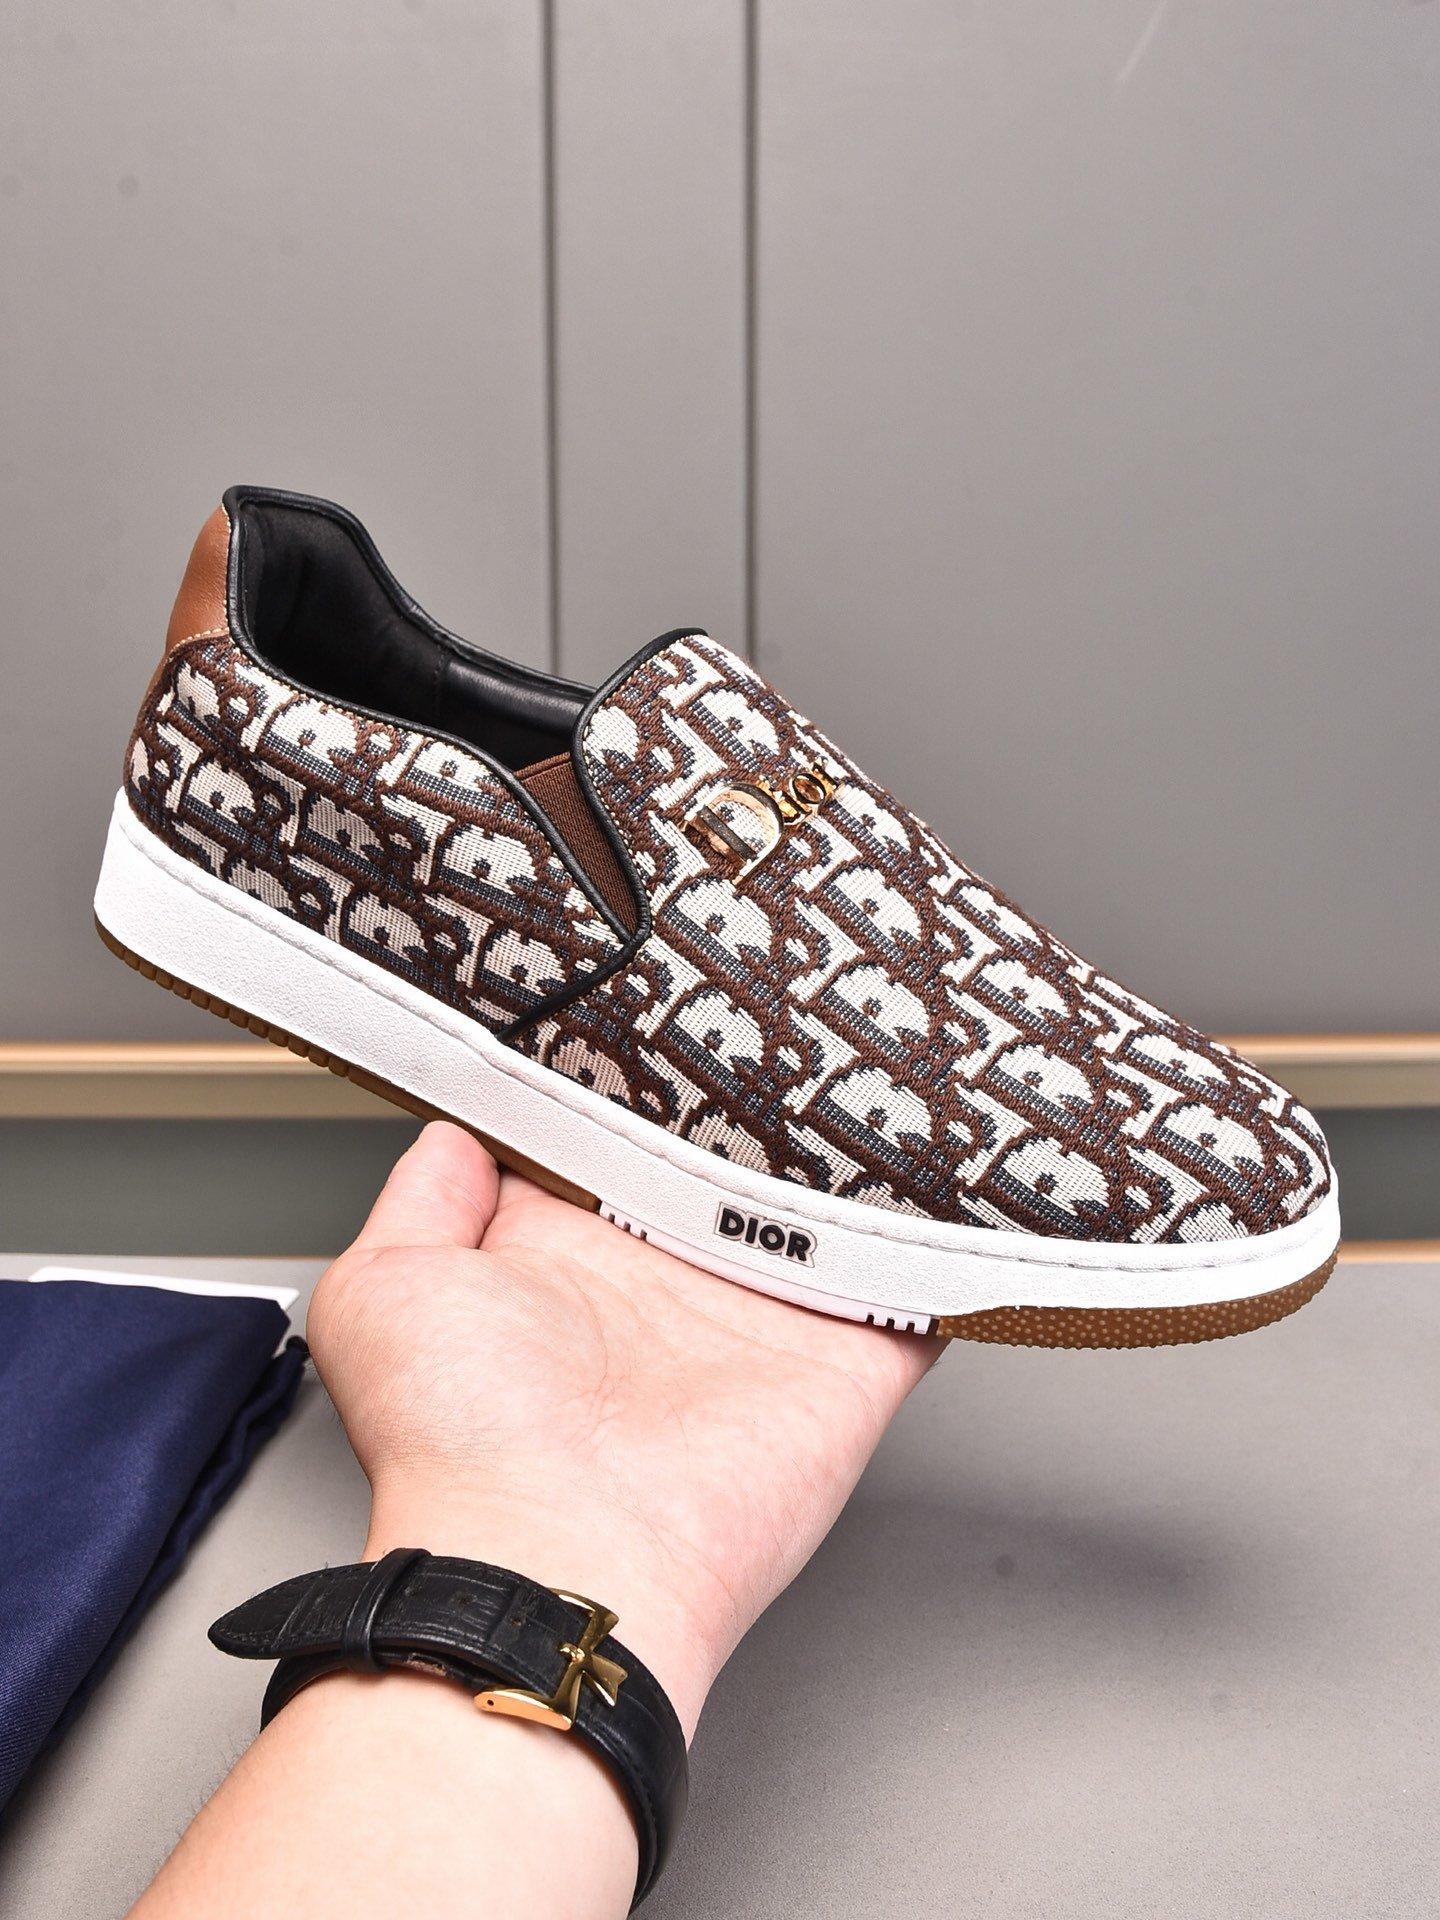 【迪奥·Dior新款系列】2021新款休闲韩版男鞋